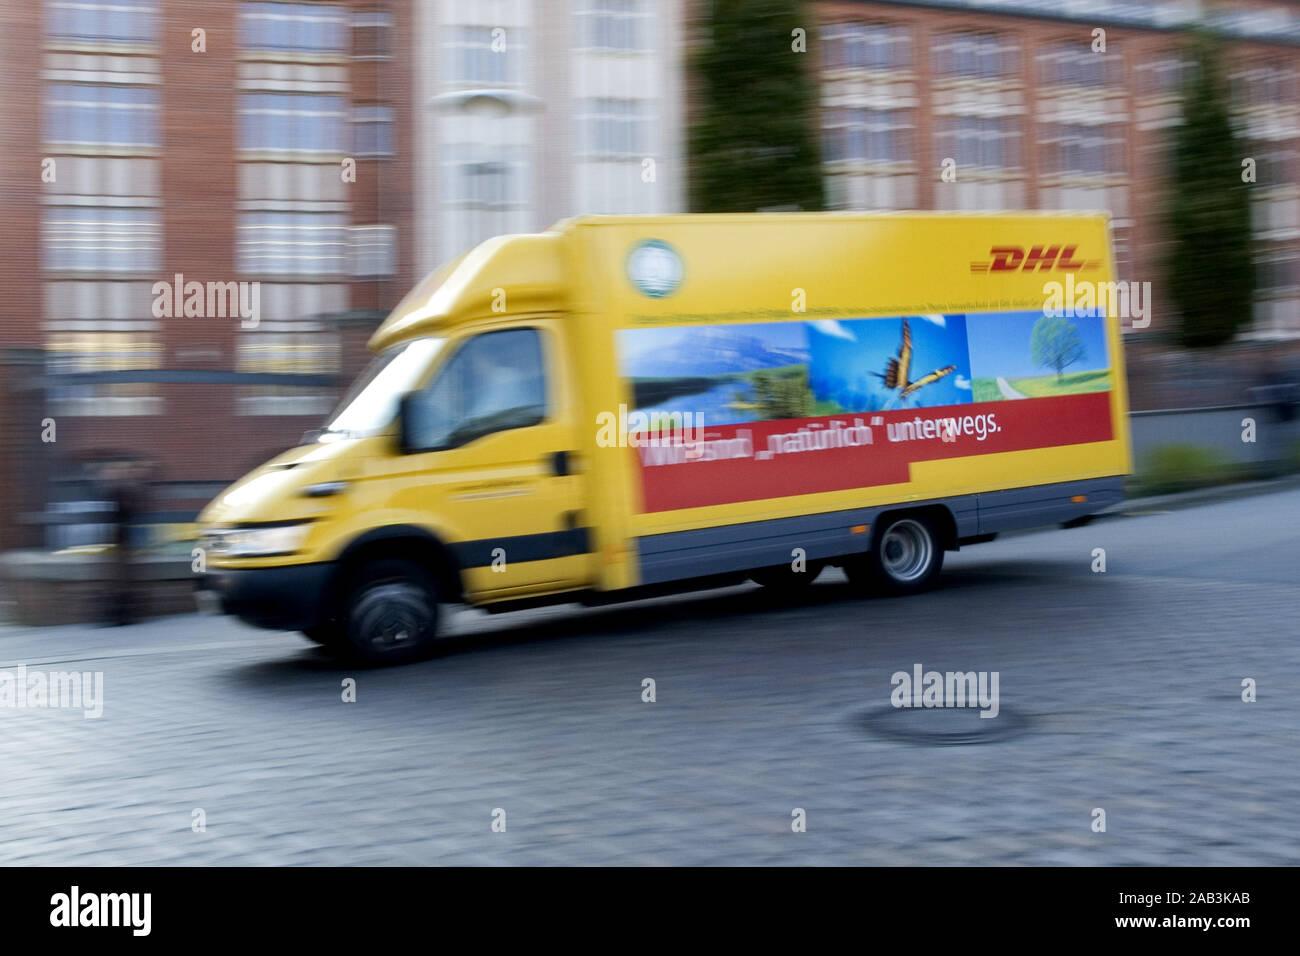 DHL Lieferwagen Stock Photo